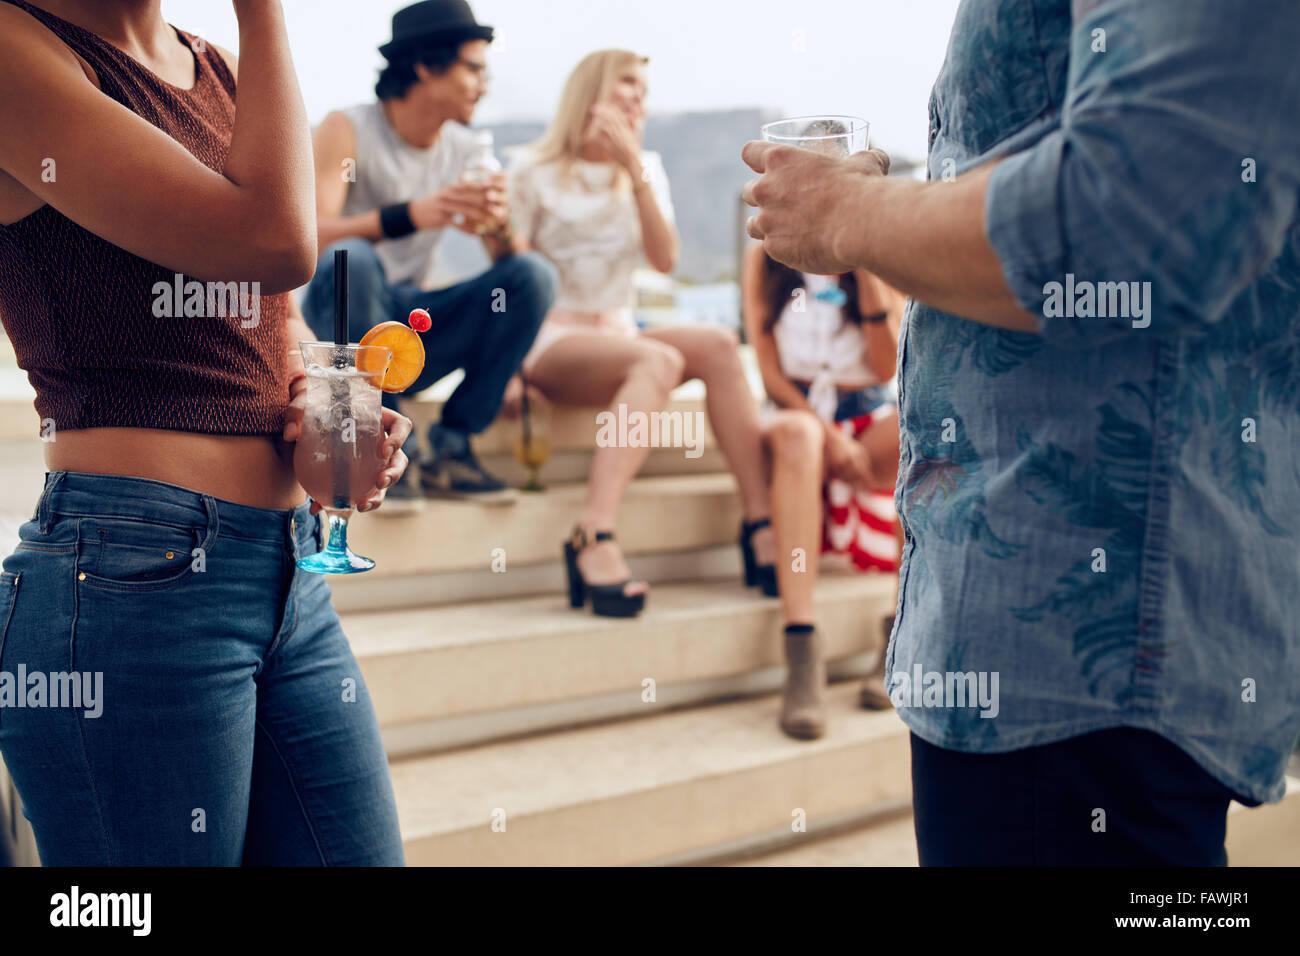 Tagliate il colpo di una giovane azienda cocktail bicchieri mentre tre persone di parlarsi in background. Giovani Immagini Stock